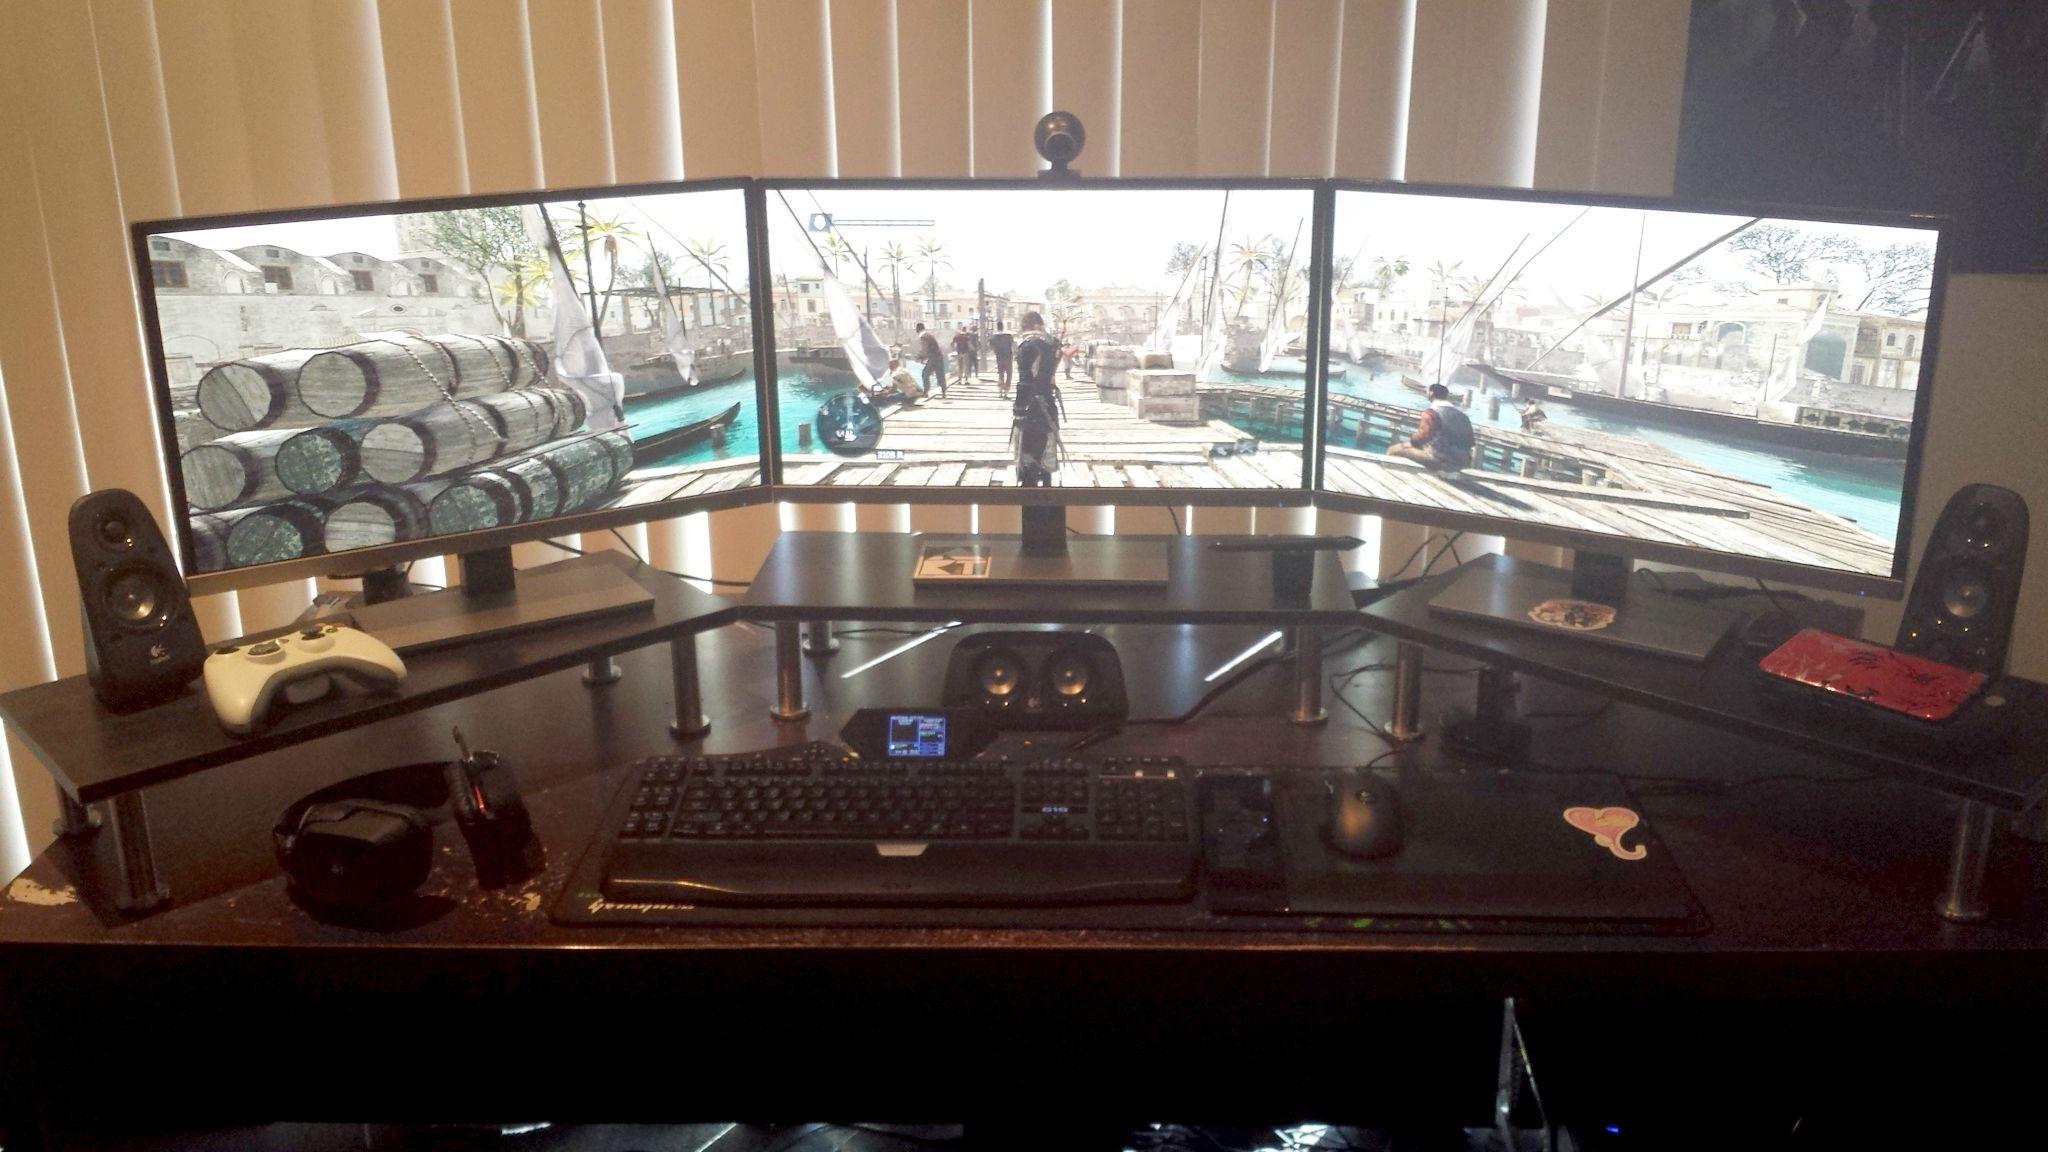 2048x1152 Gaming Monitor